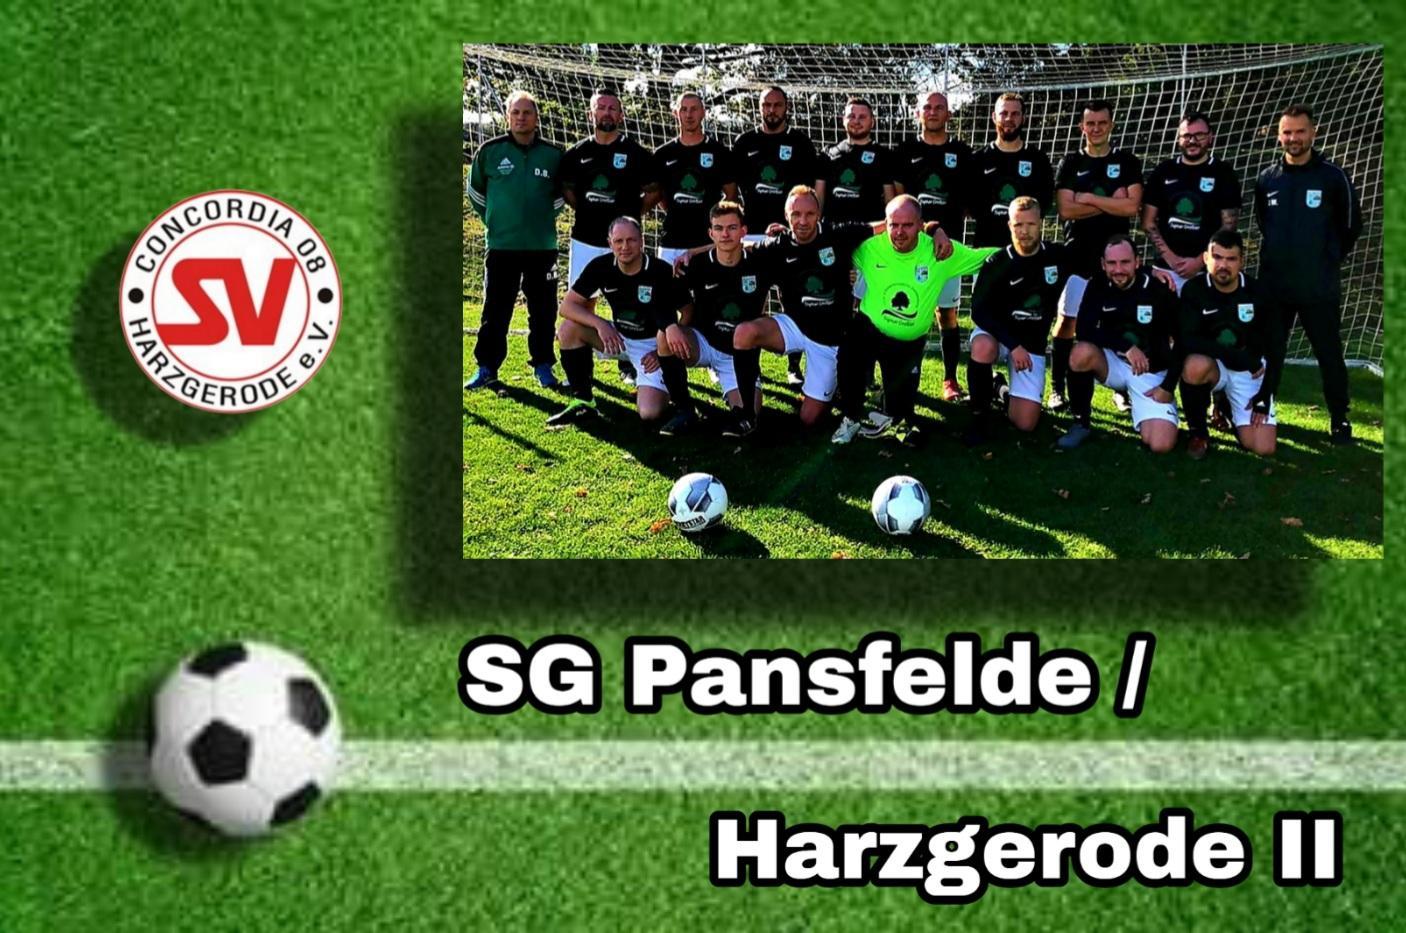 SG Pansfelde/Harzgerode II